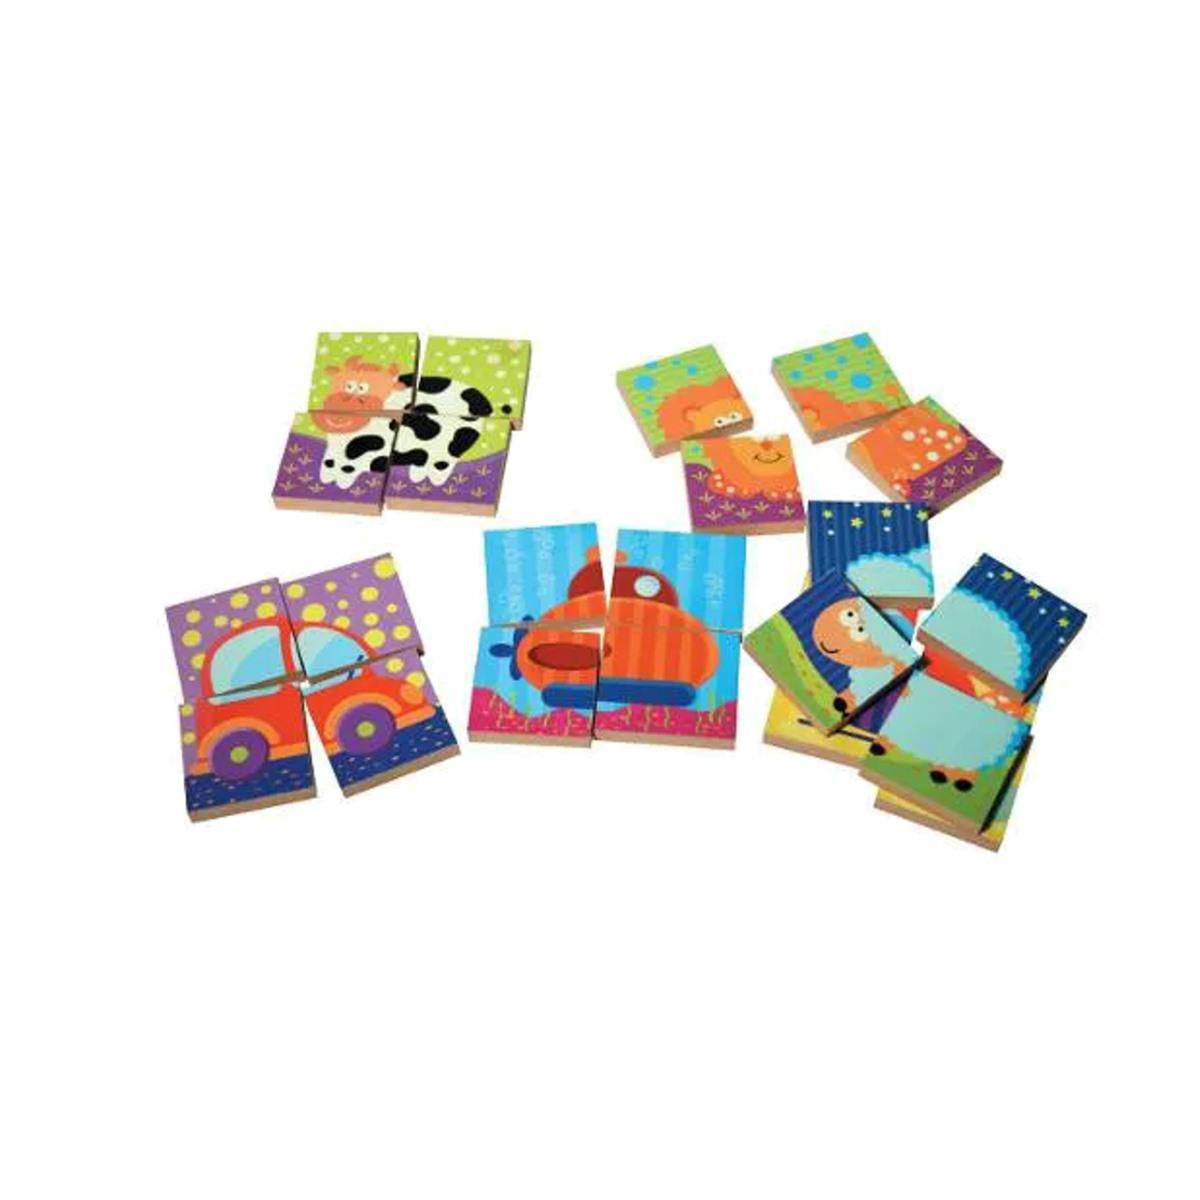 Brinquedos Educativos - Quebra Cabeça Blocos 24 Peças